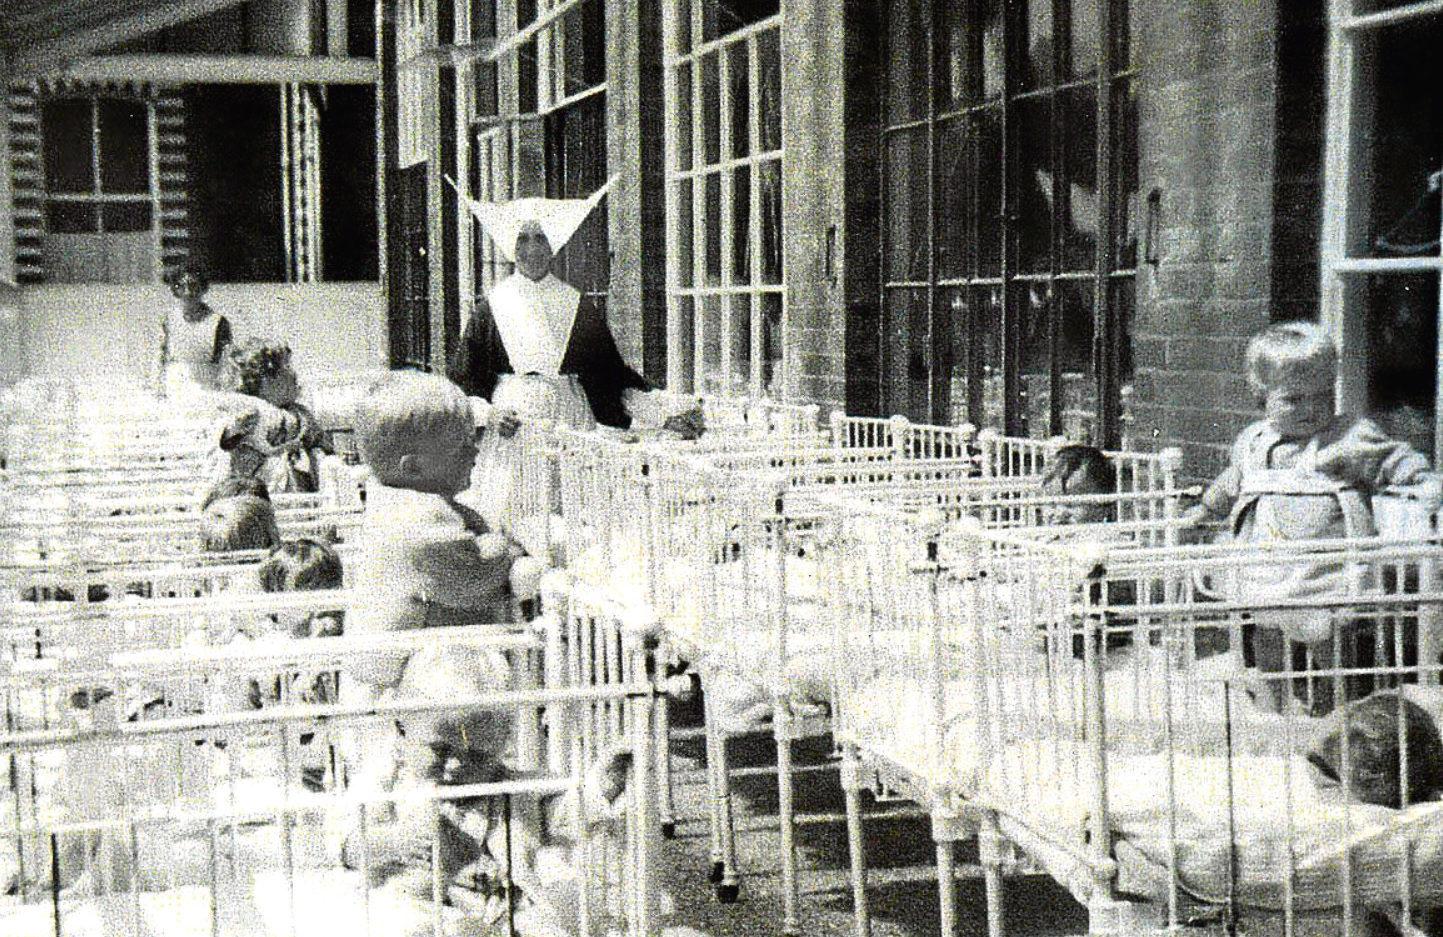 Smyllum orphanage